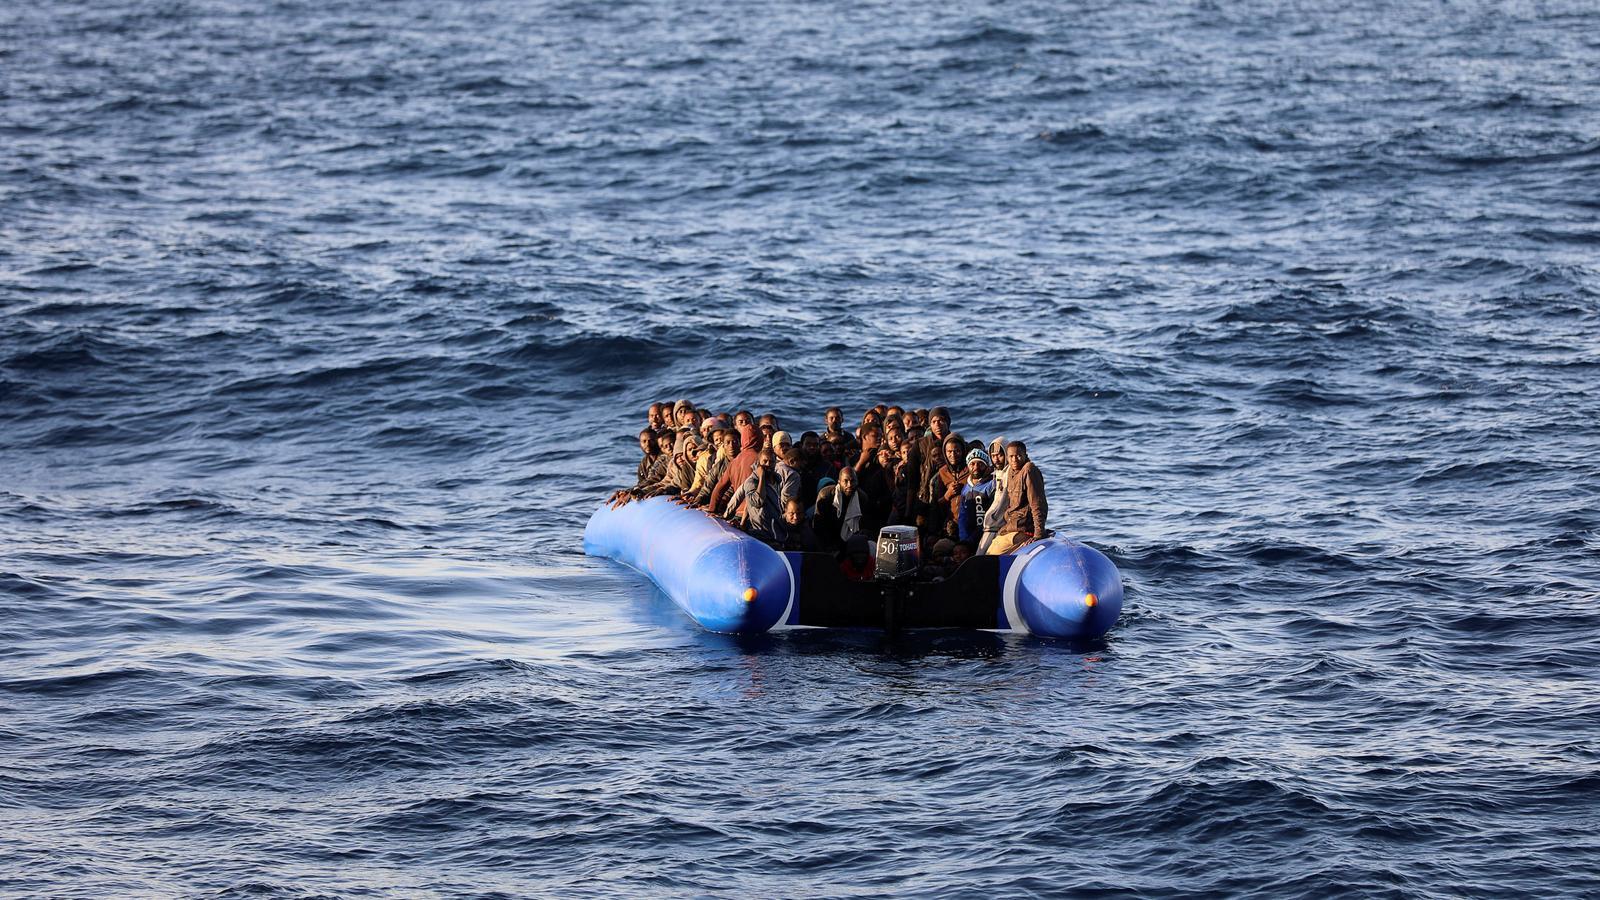 El naufragi d'una pastera a Mauritània confirma que s'ha reobert la ruta dels 'cayucos' a Canàries